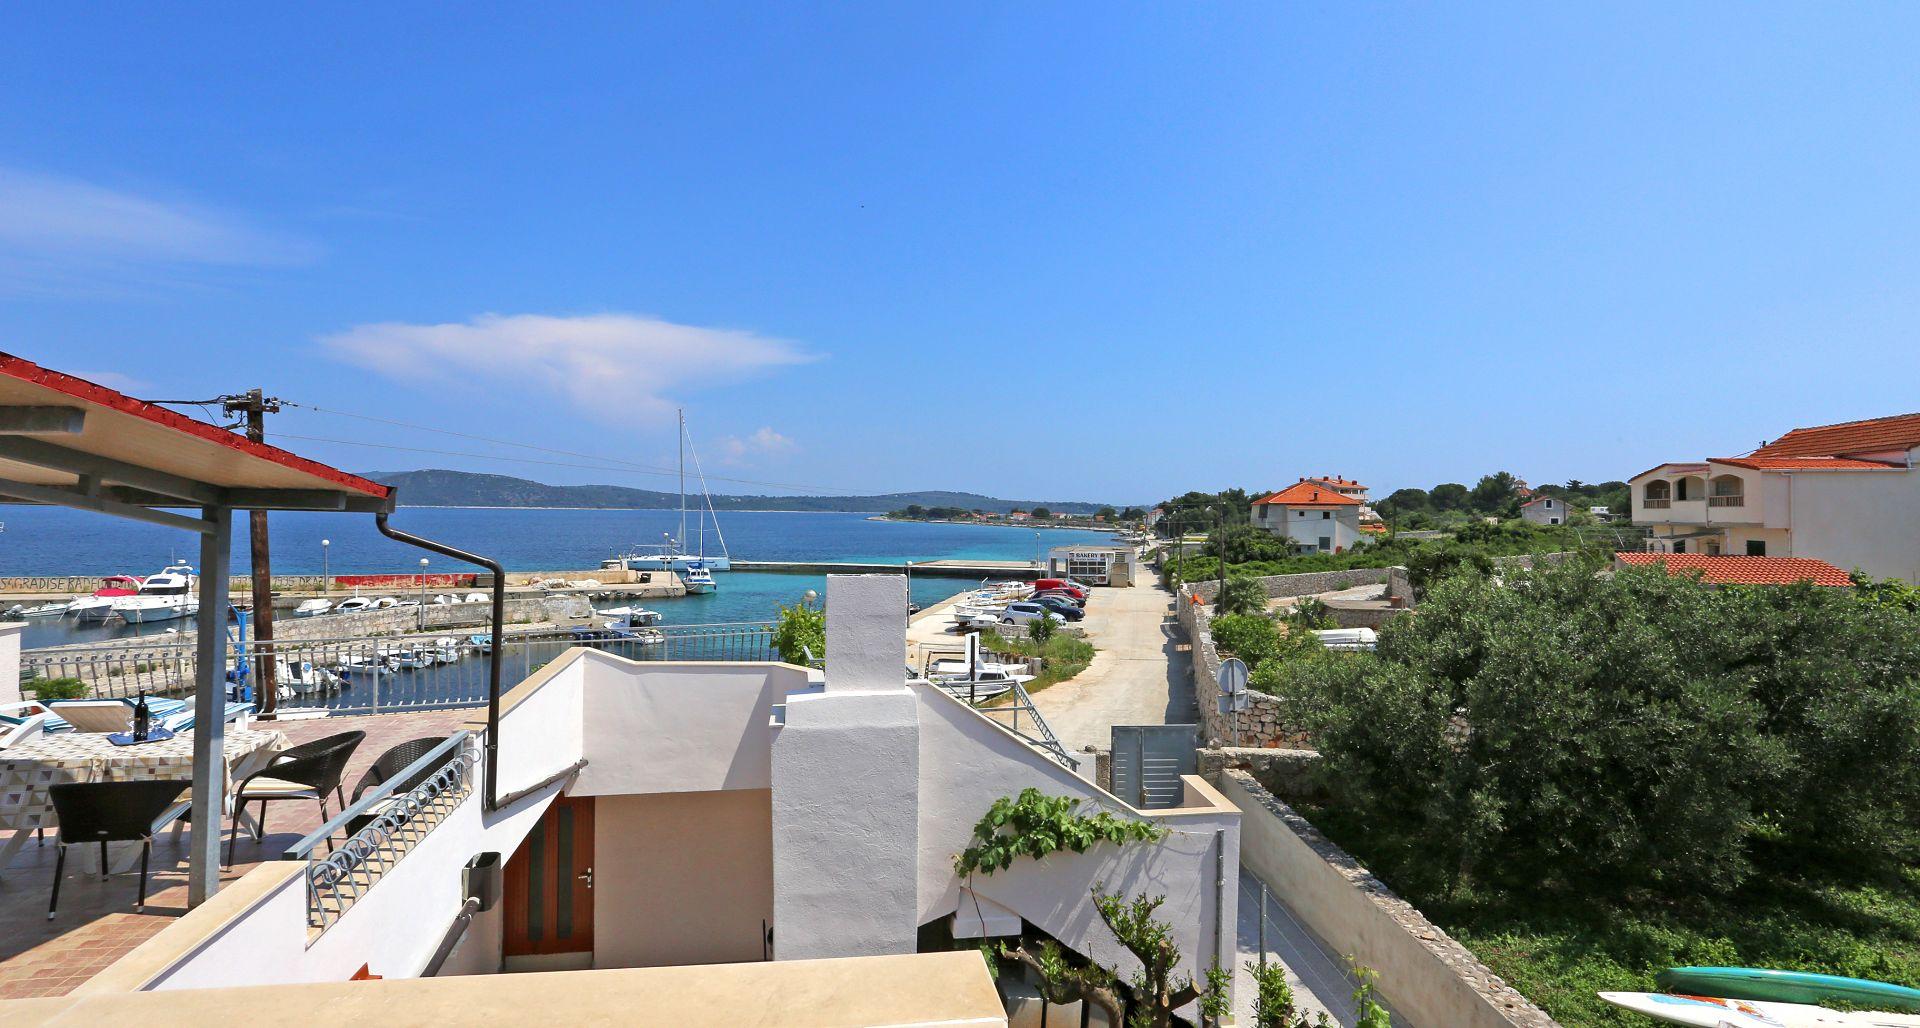 Apartamenty Apartment Marija - beautiful sea view: A1 Drvenik Mali (Island Drvenik Mali), Riviera Trogir 52380, Drvenik Mali, Drvenik Mali, Region Split Dalmacja